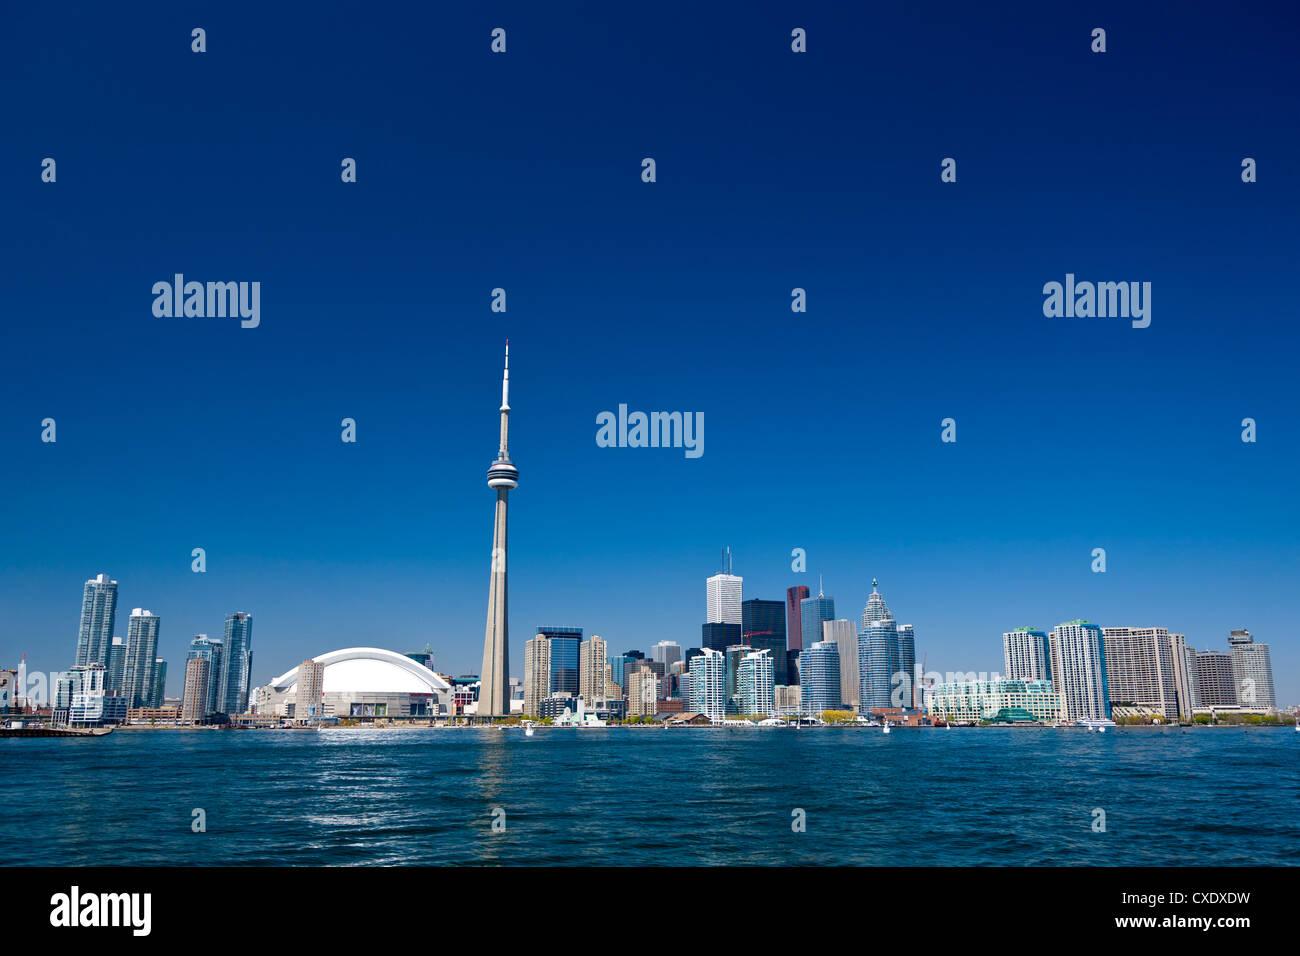 El horizonte de la ciudad mostrando la CN Tower, Toronto, Ontario, Canadá, América del Norte Imagen De Stock